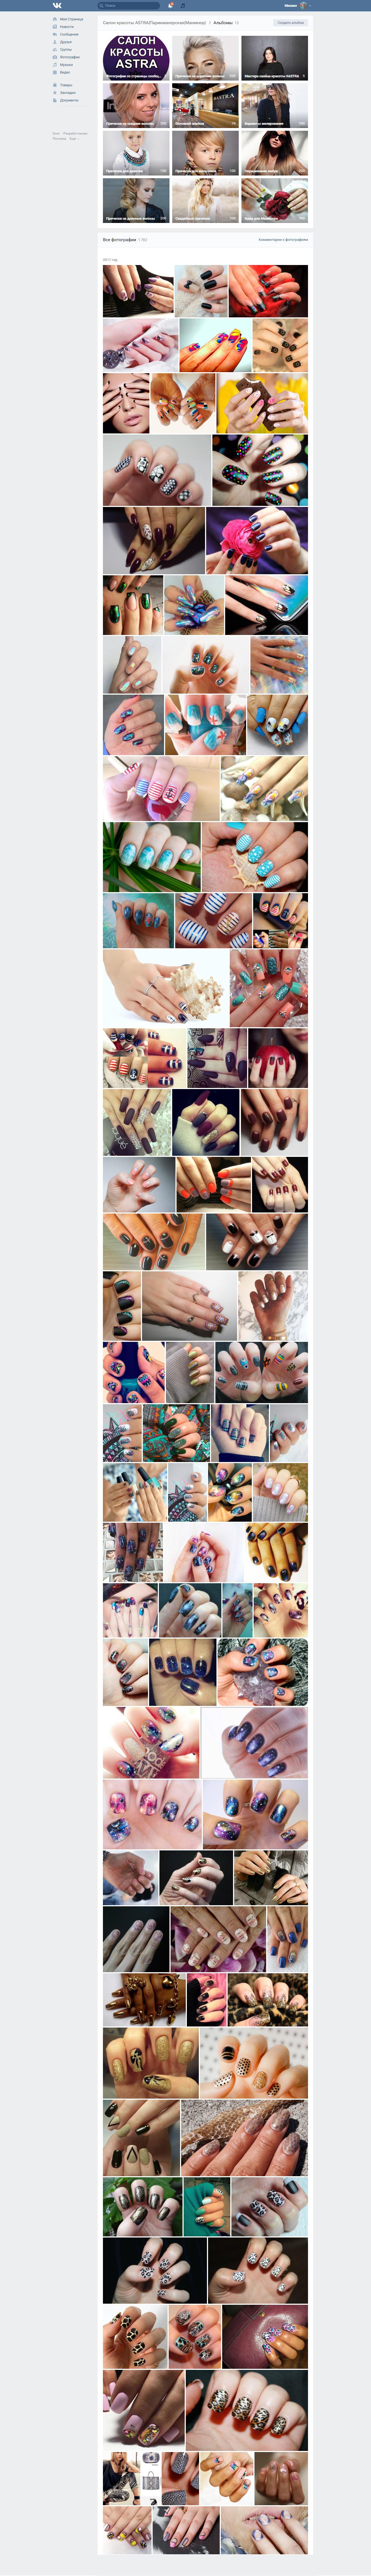 Продвижение Вконтакте салона красоты